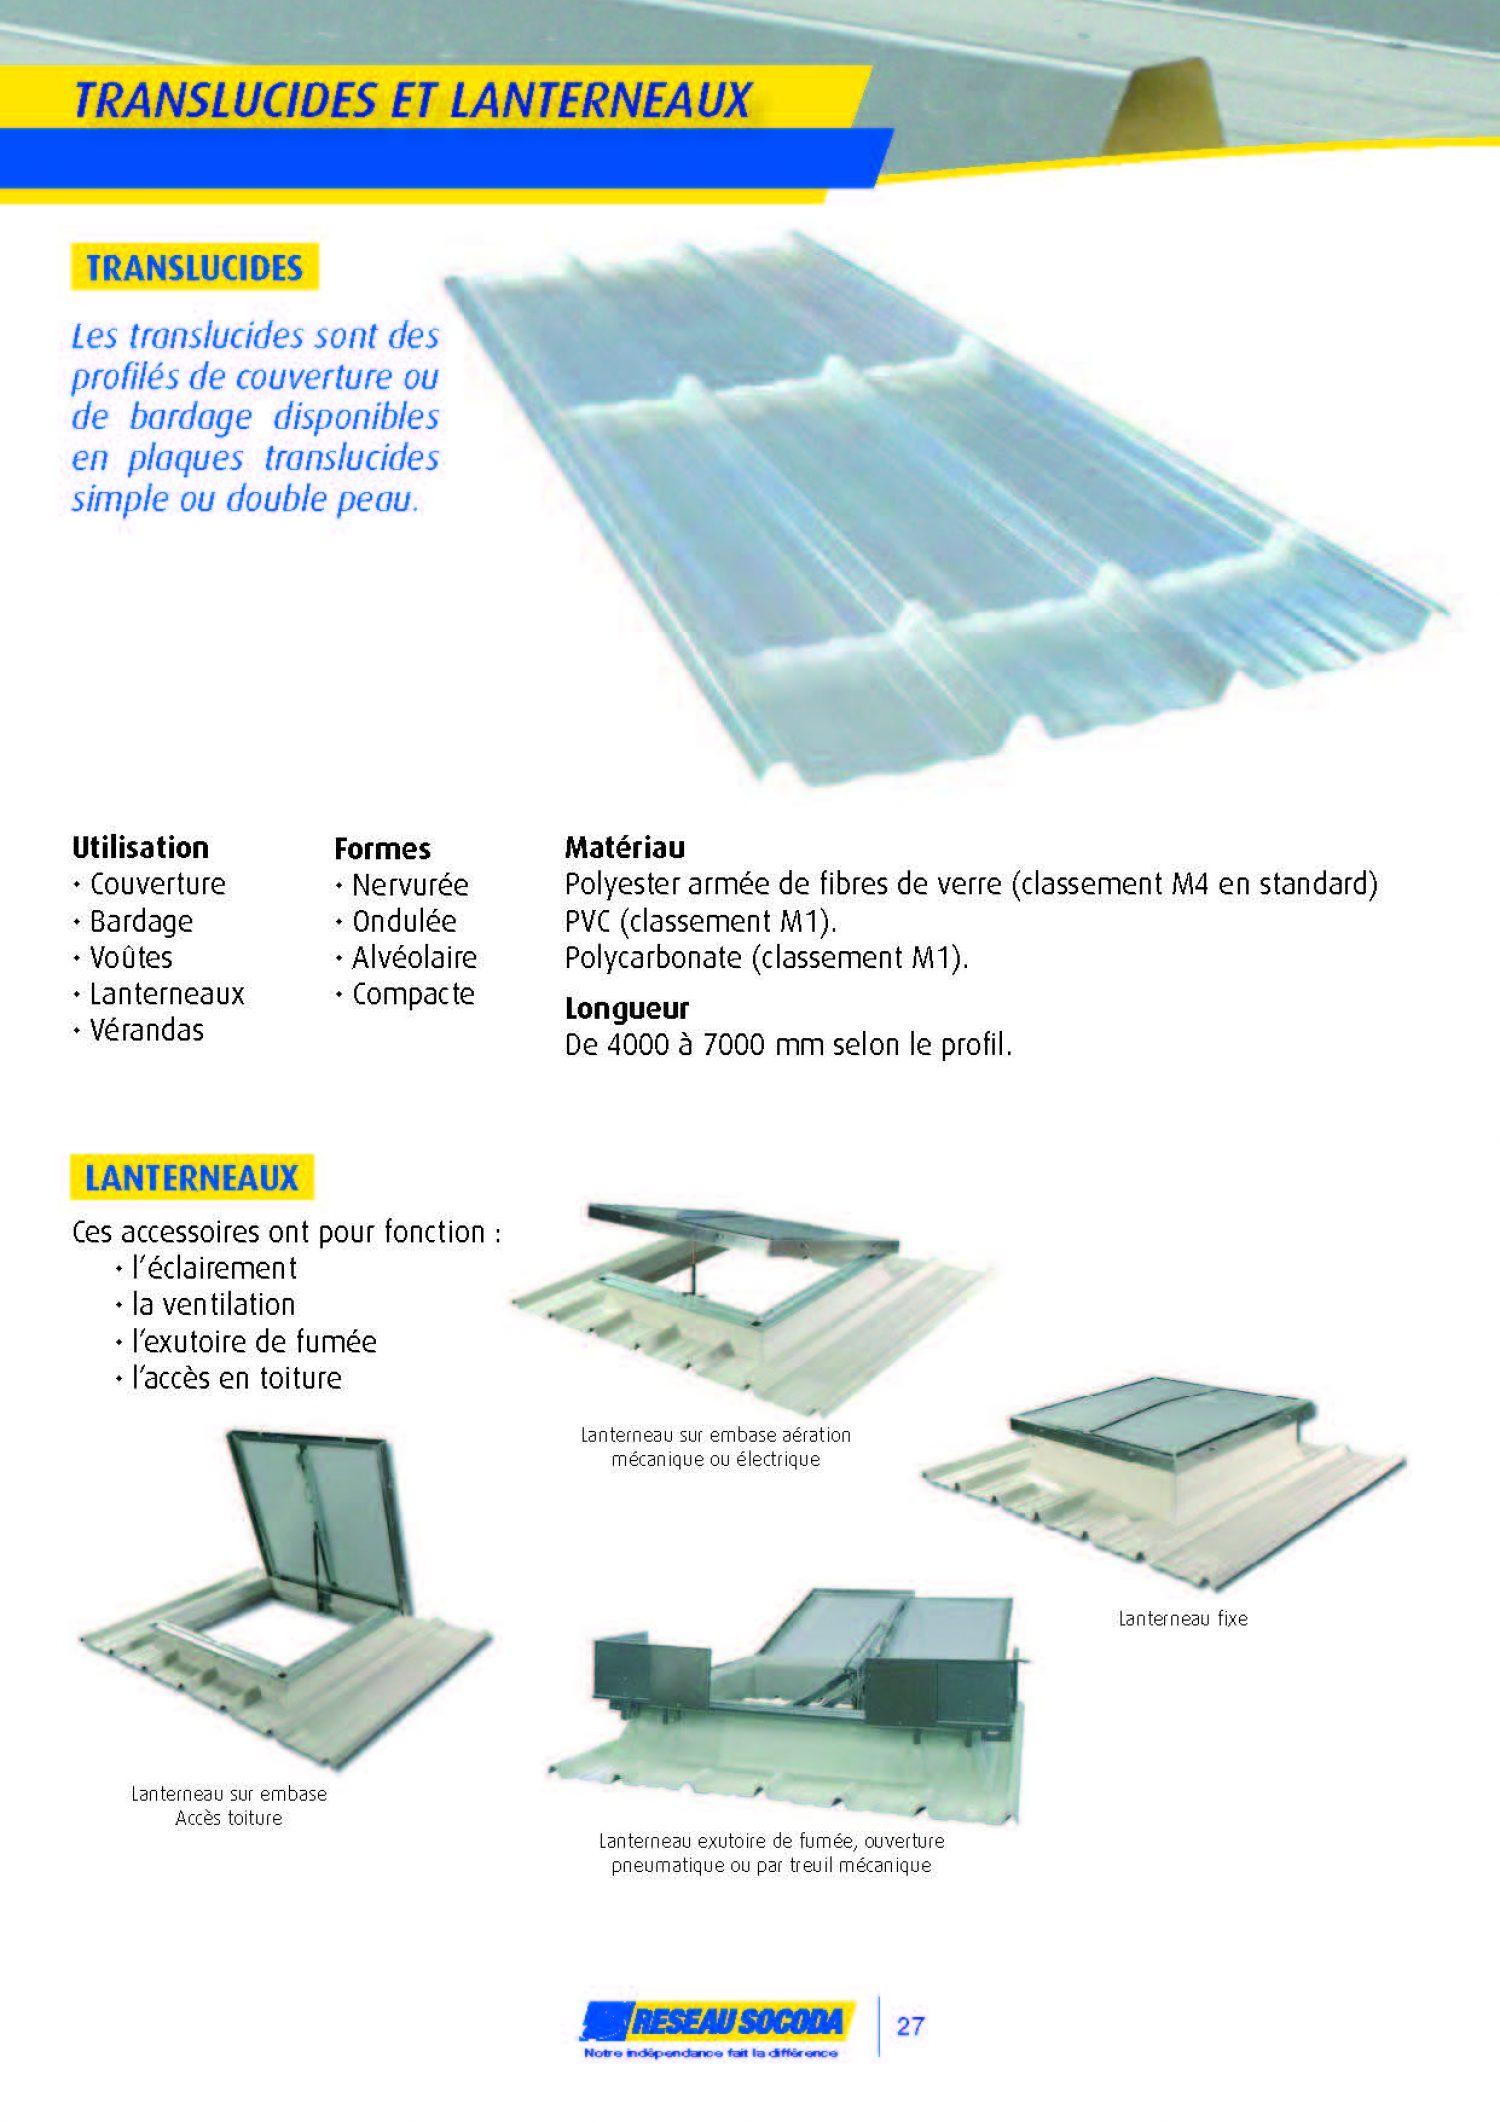 GERMOND_2014 PROFIL BATIMENT_20140324-184231_Page_27